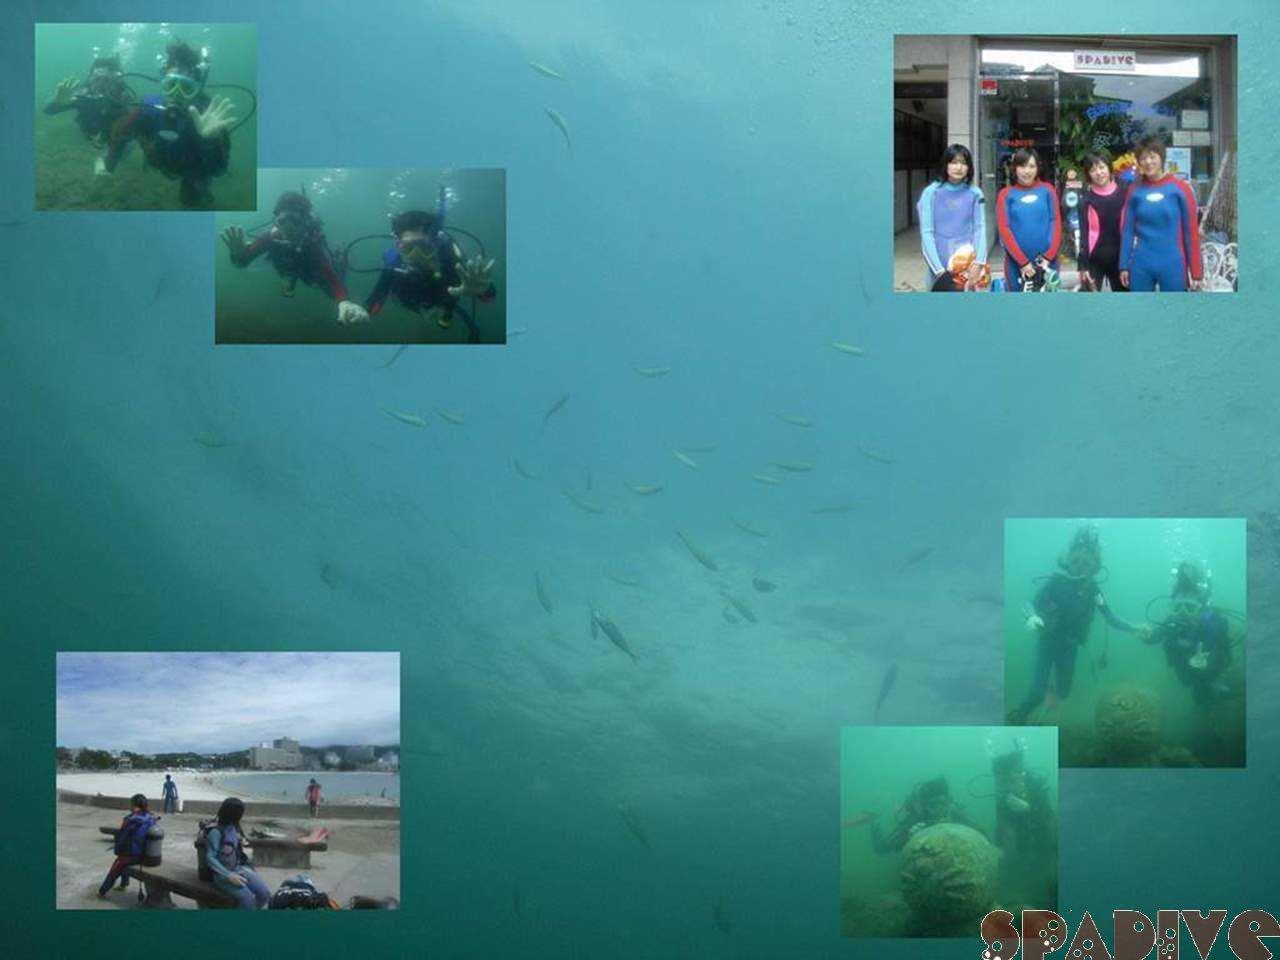 体験ダイビング|6/23/2007白浜権現崎